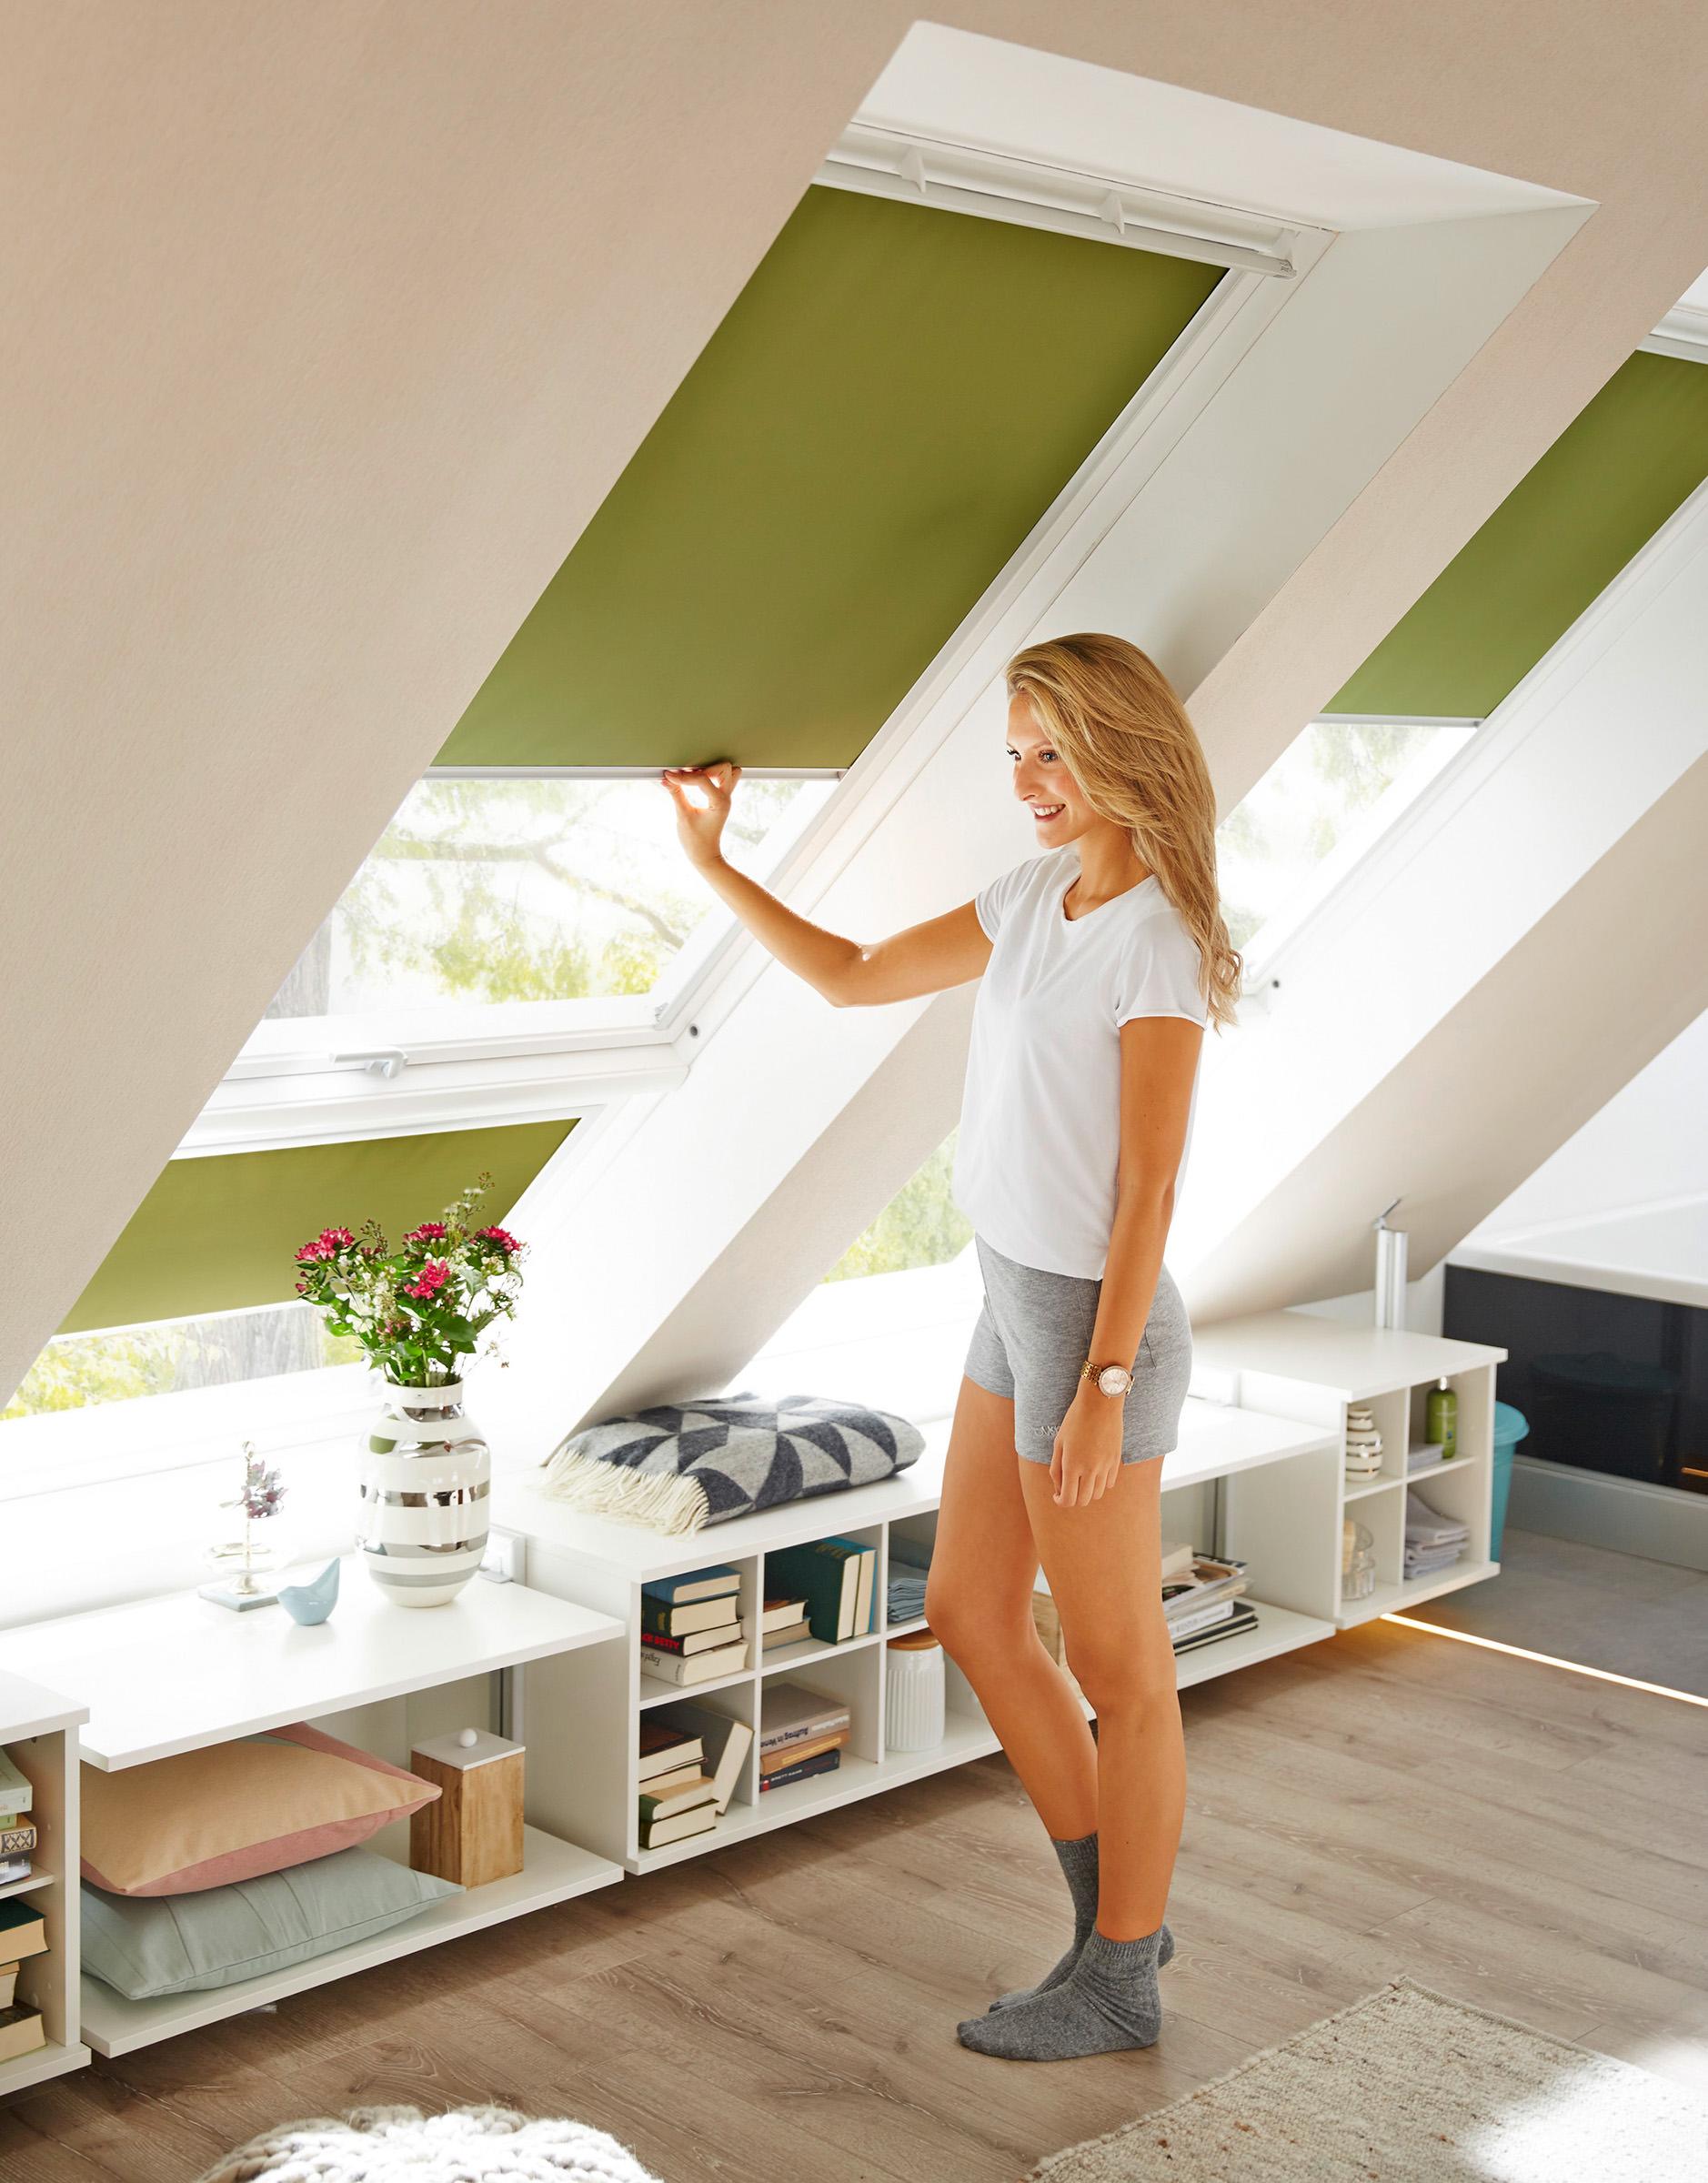 Grünes Velux Dachfenster Rollo im Wohnzimmer